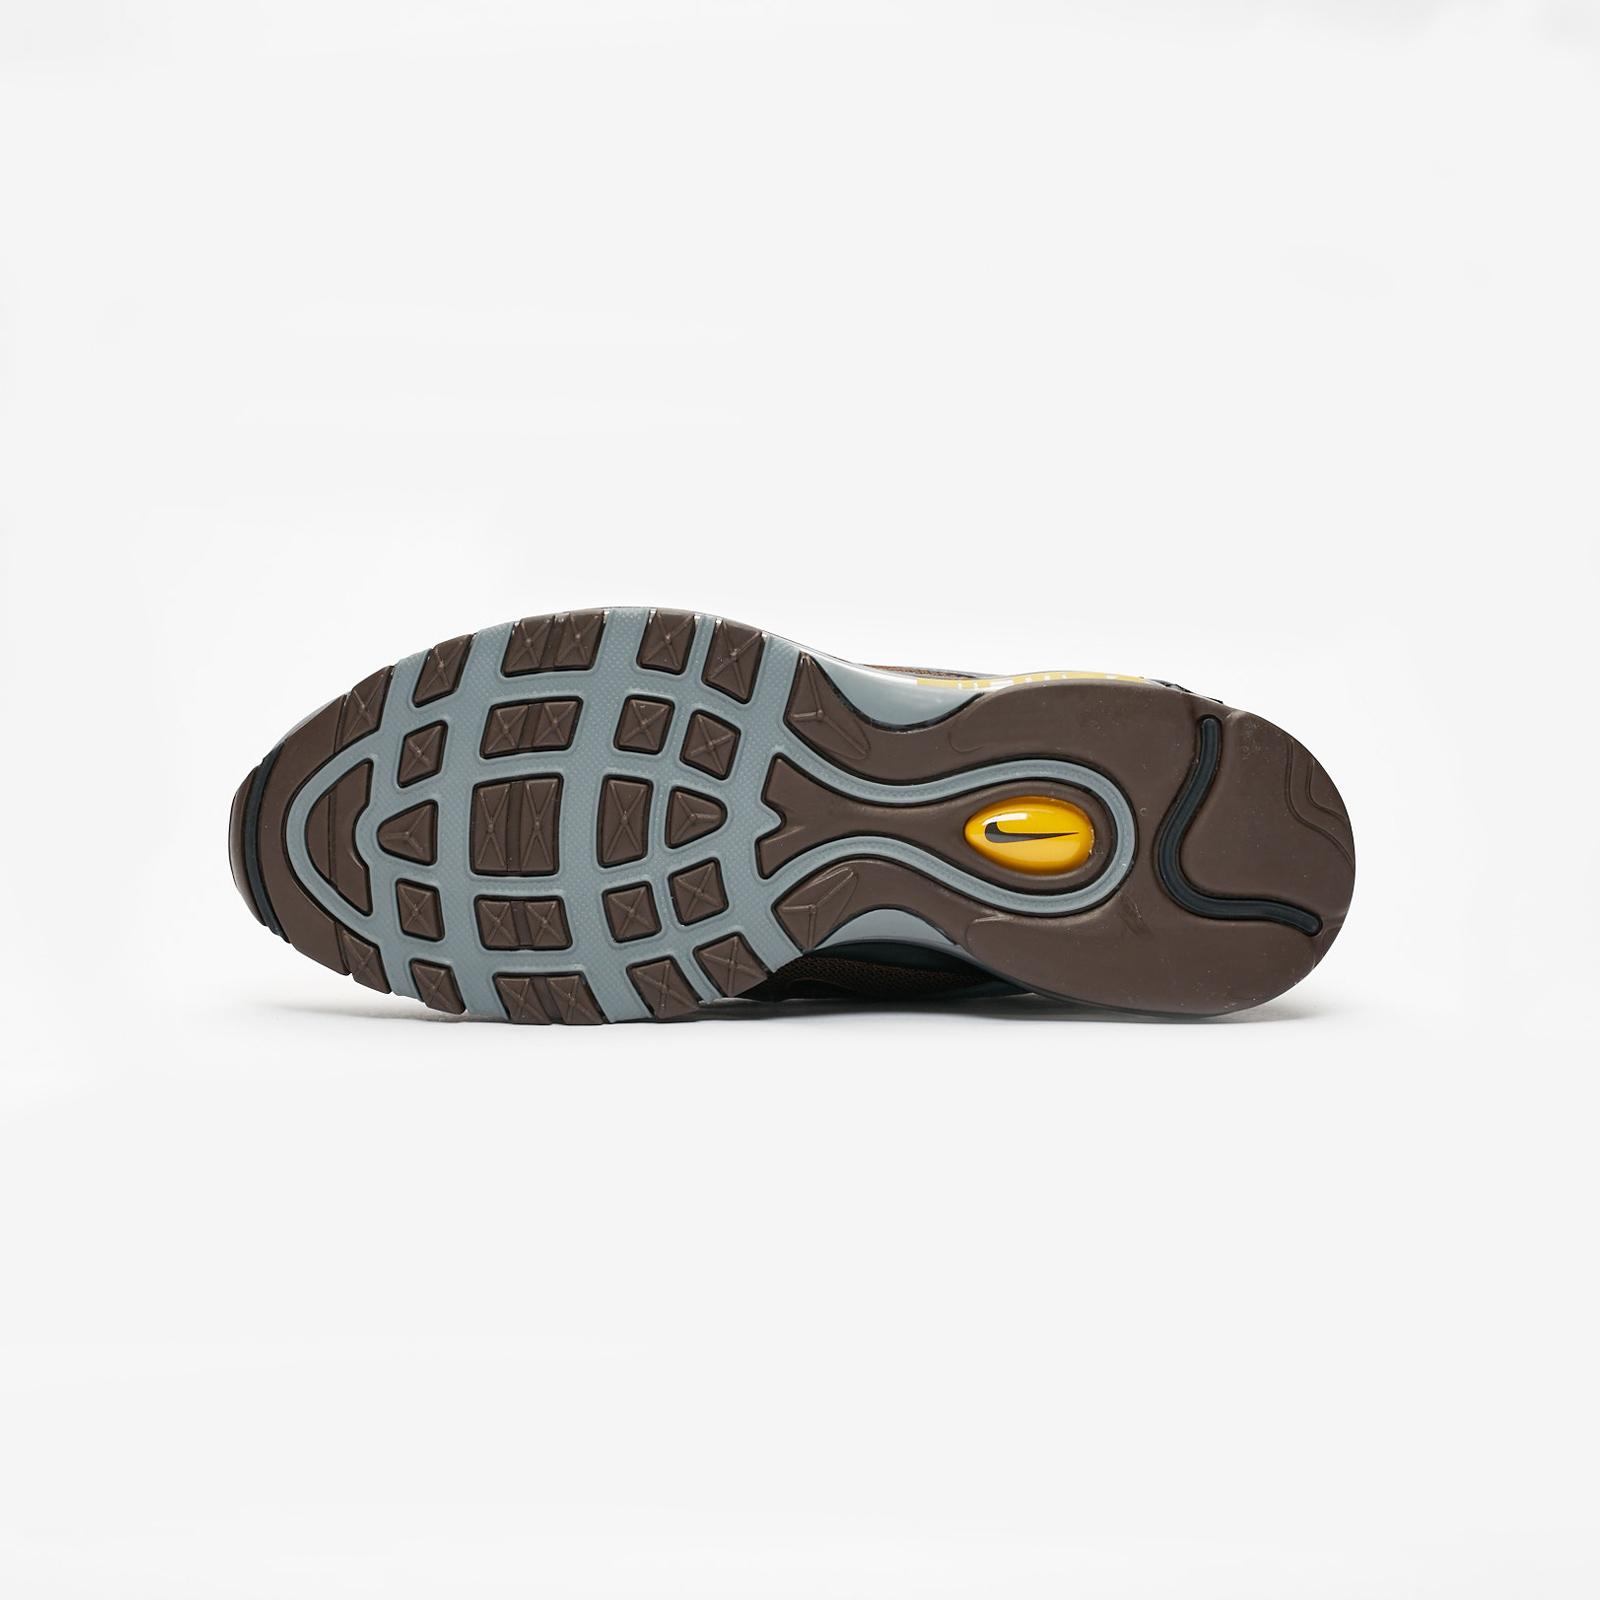 Nike Air Max 97 Premium Av7025 001 Sneakersnstuff